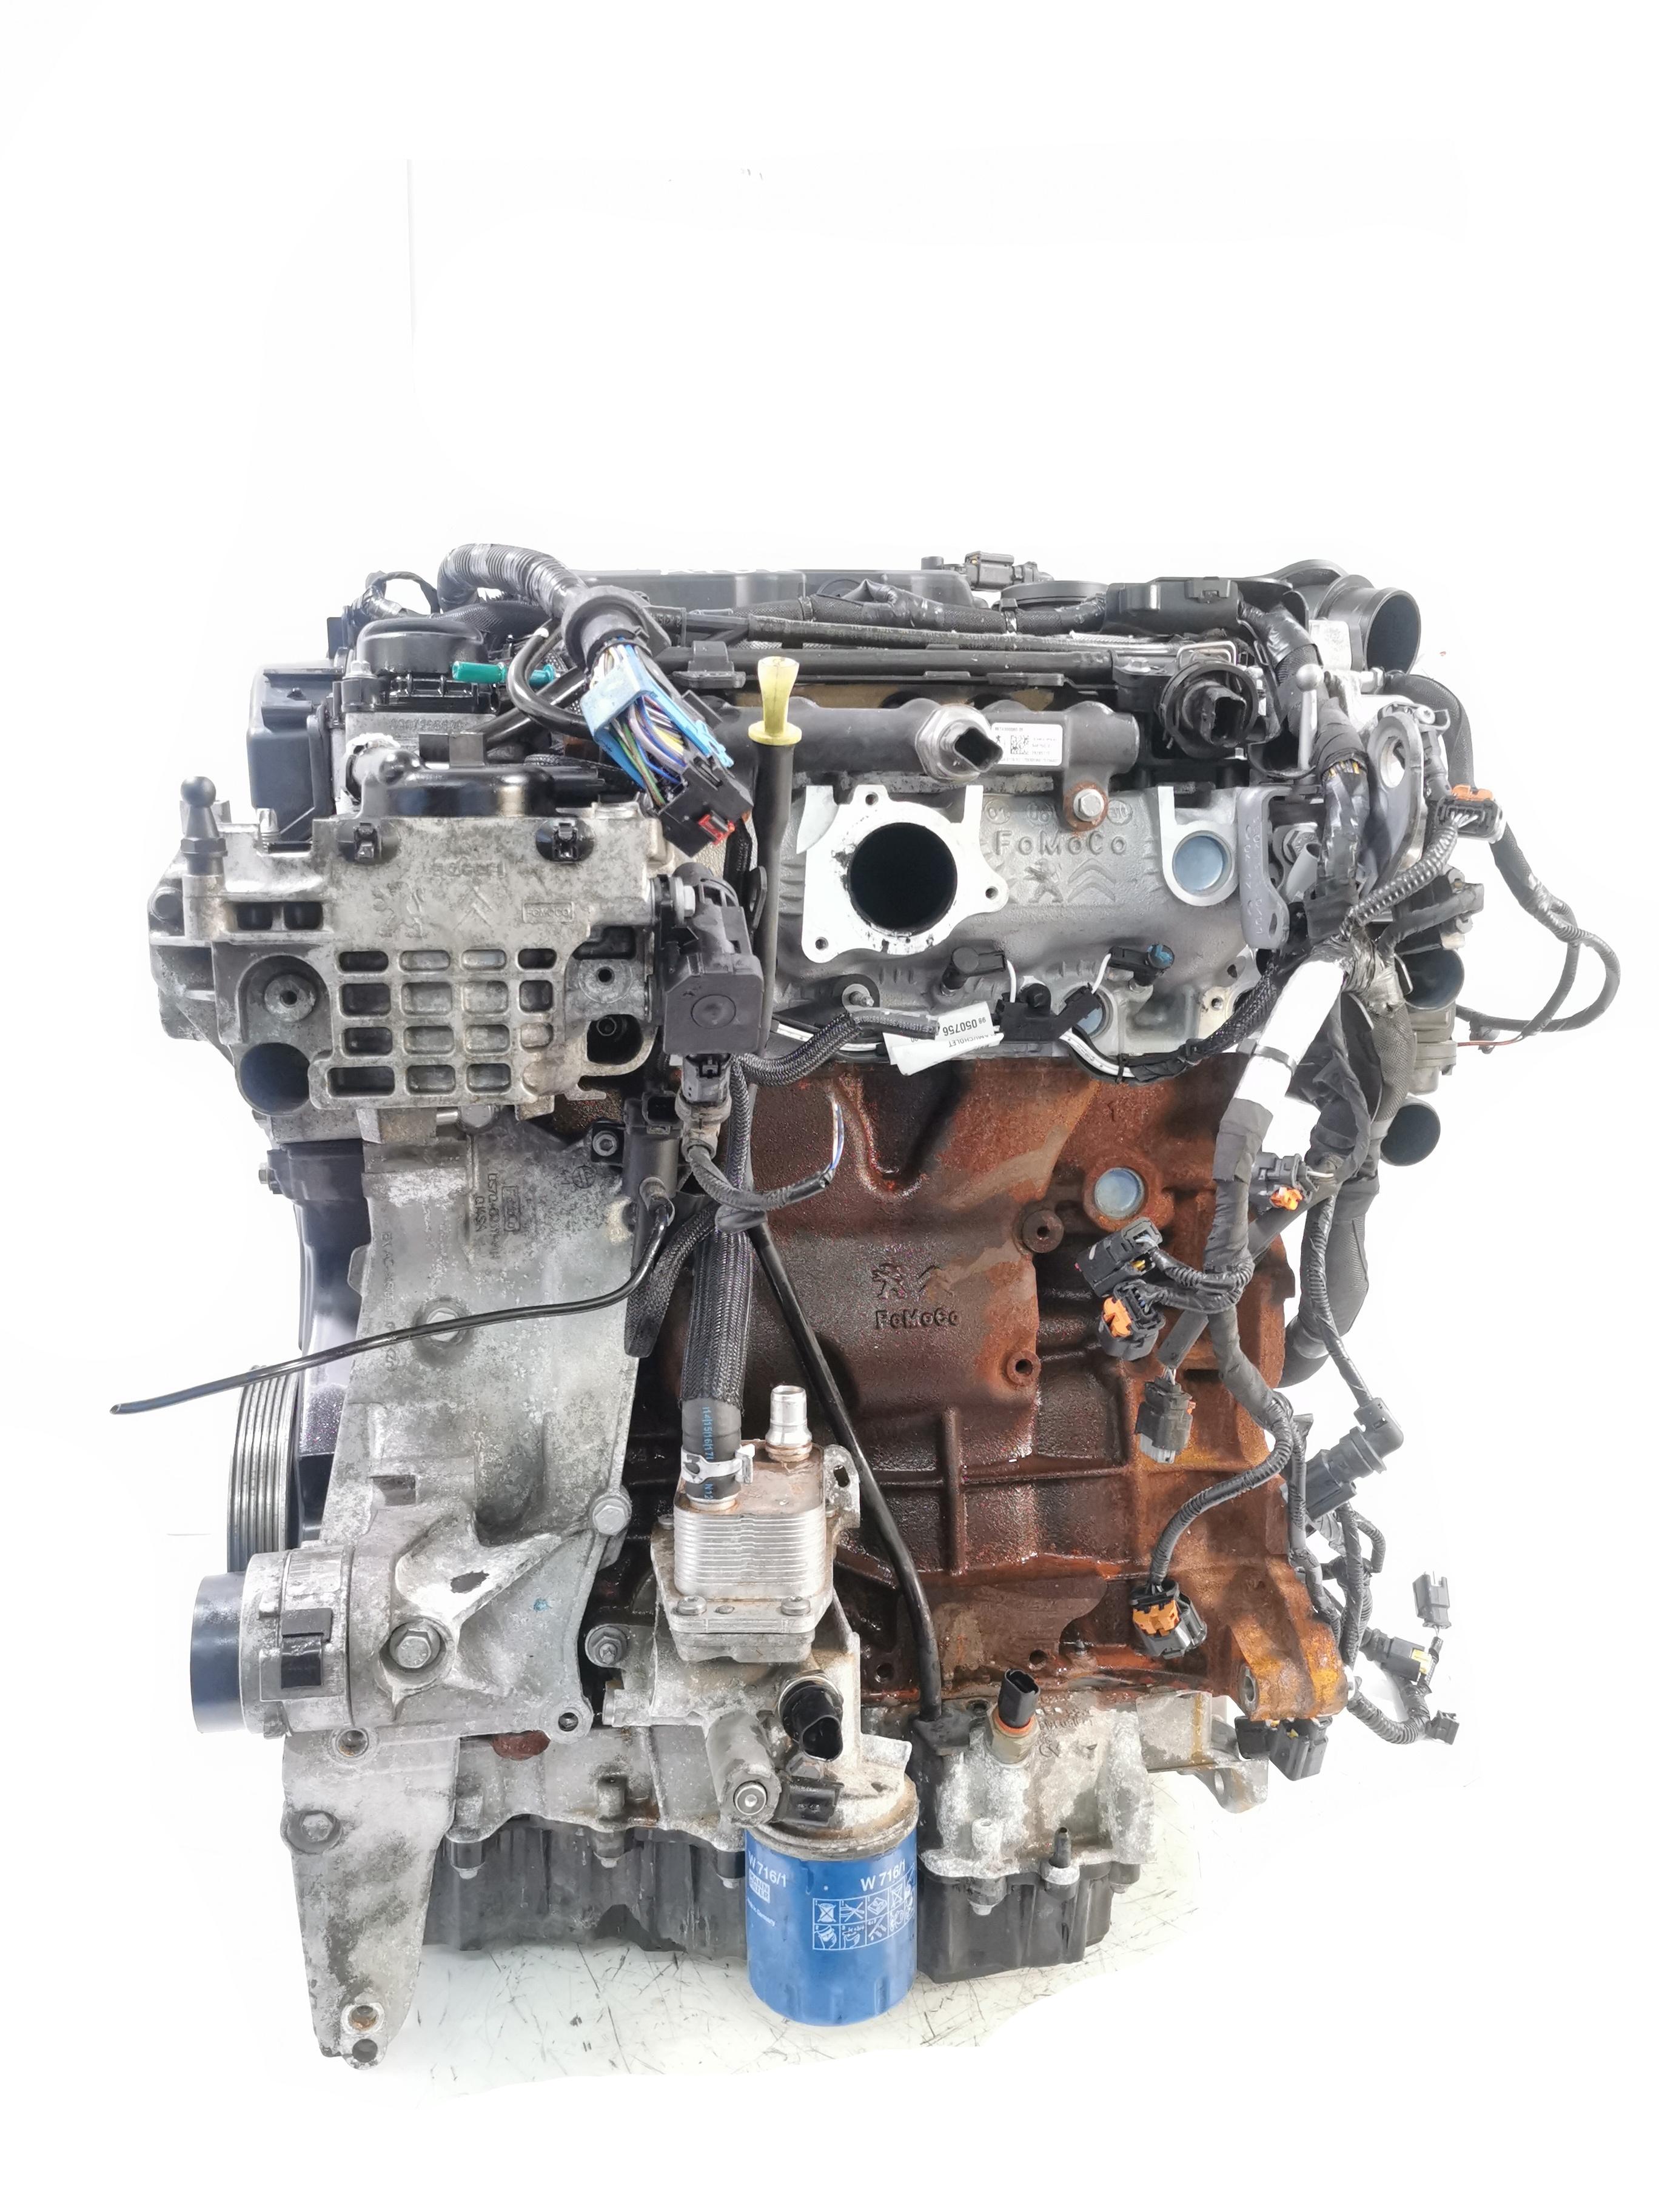 Motor mit Anbauteilen 2017 Ford Kuga II DM2 2,0 TDCi T7MA